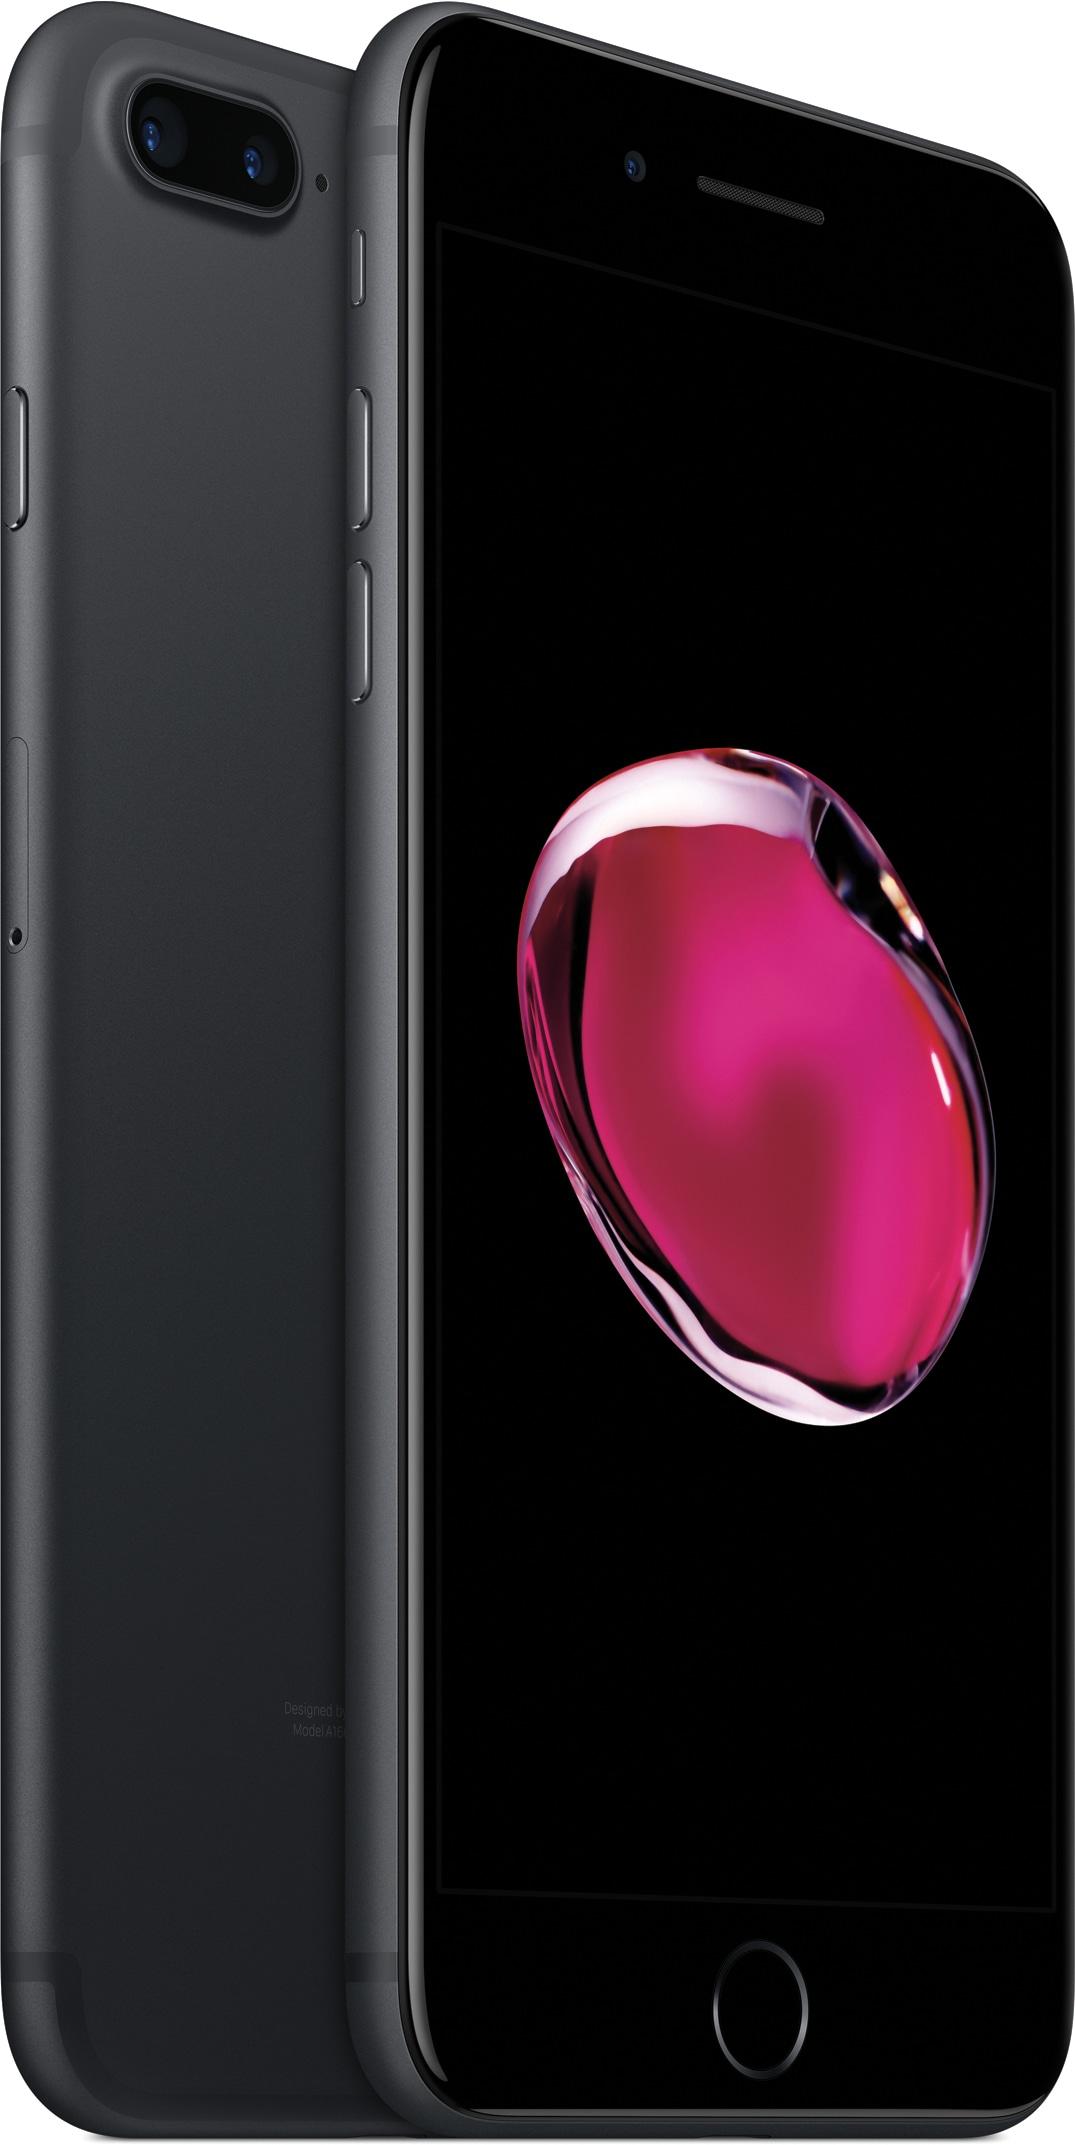 iPhone 7 Plus preto de frente e de costas